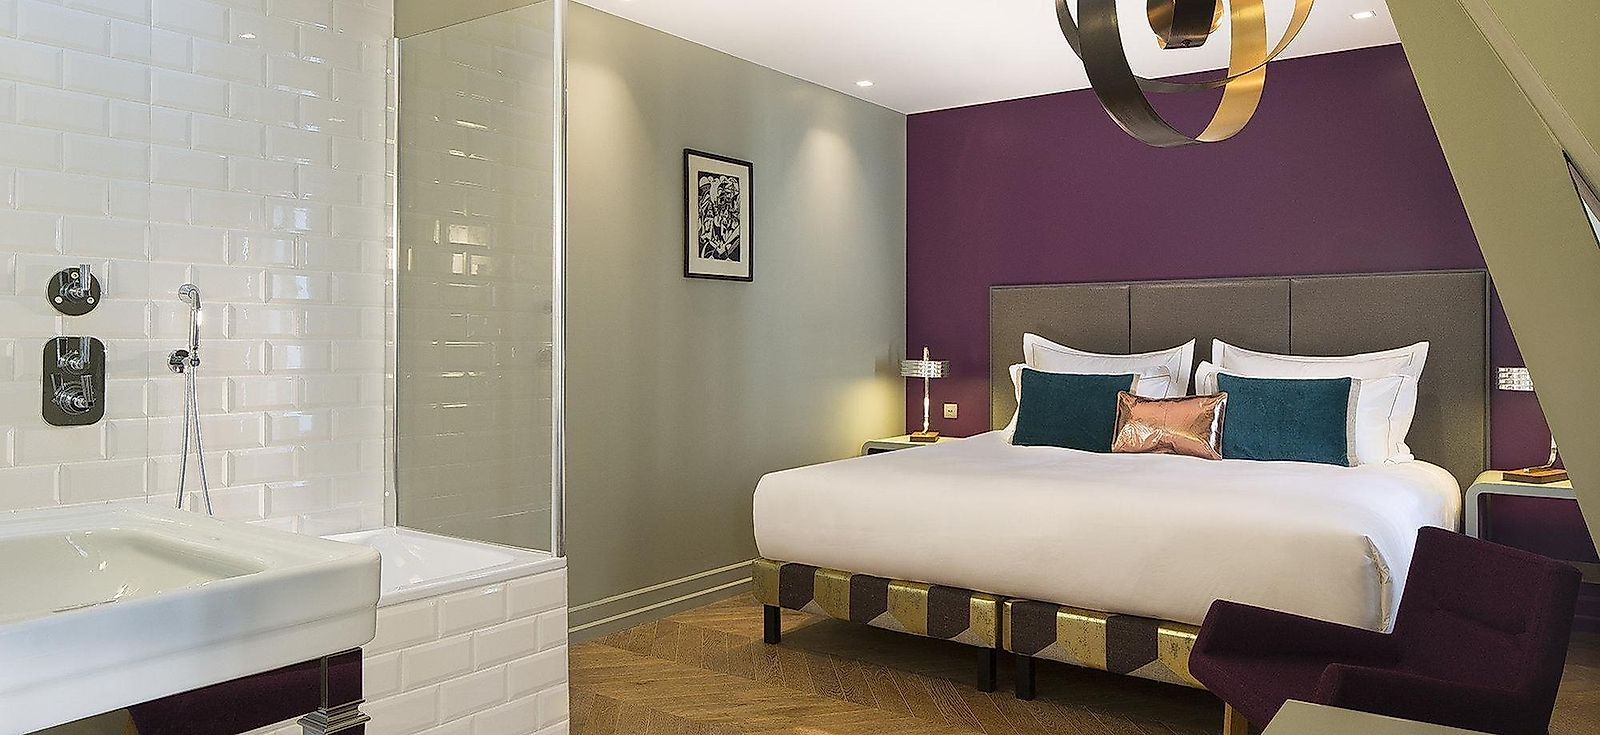 Hotel Relais Bosquet Monsieur Cadet Hotel Spa Paris